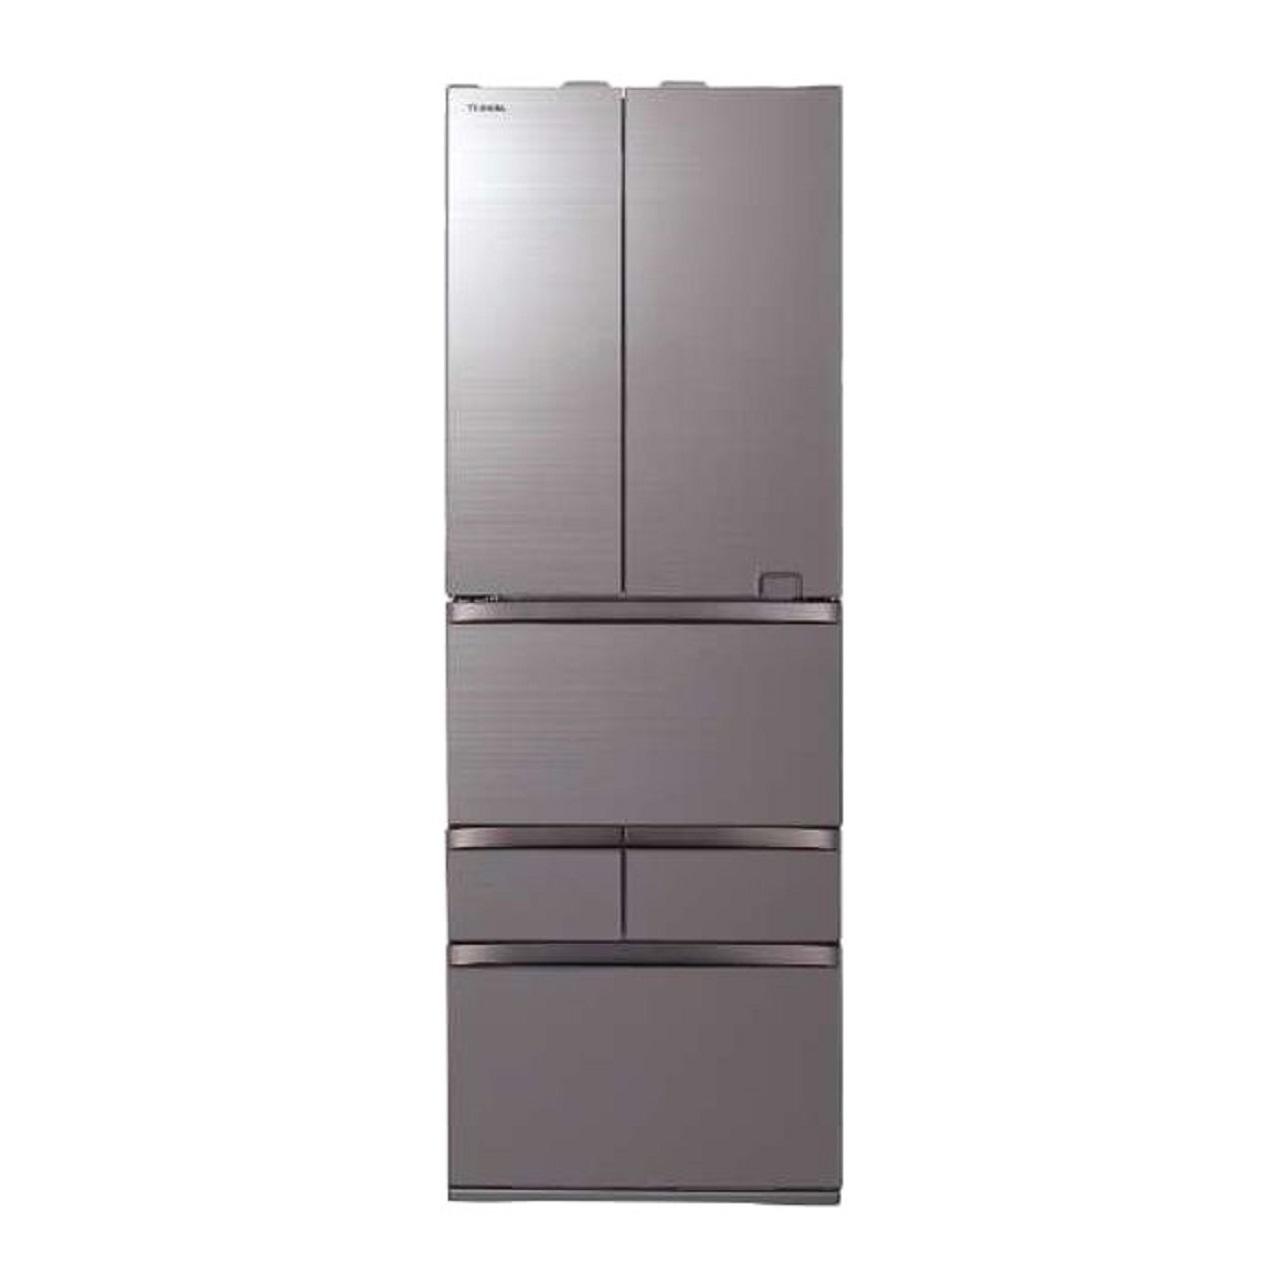 東芝べジータGR-S460FZ冷蔵庫